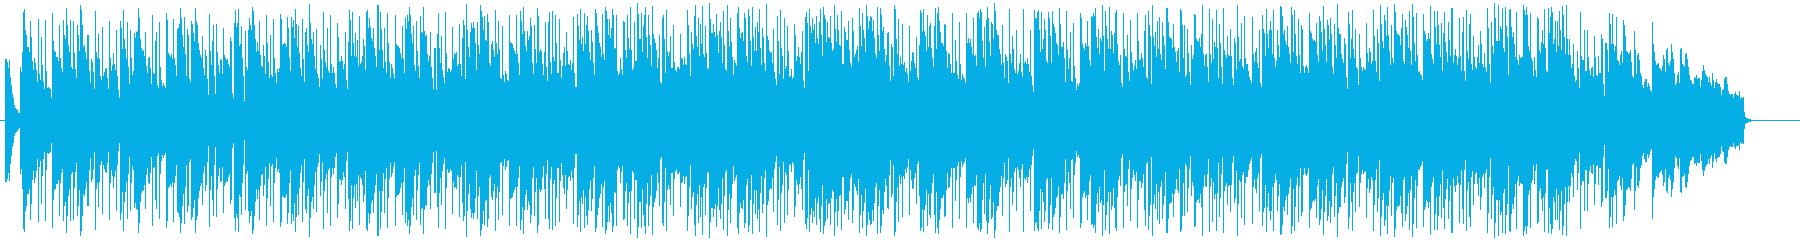 ドラマ向け旅立ちのピアノバラードの再生済みの波形